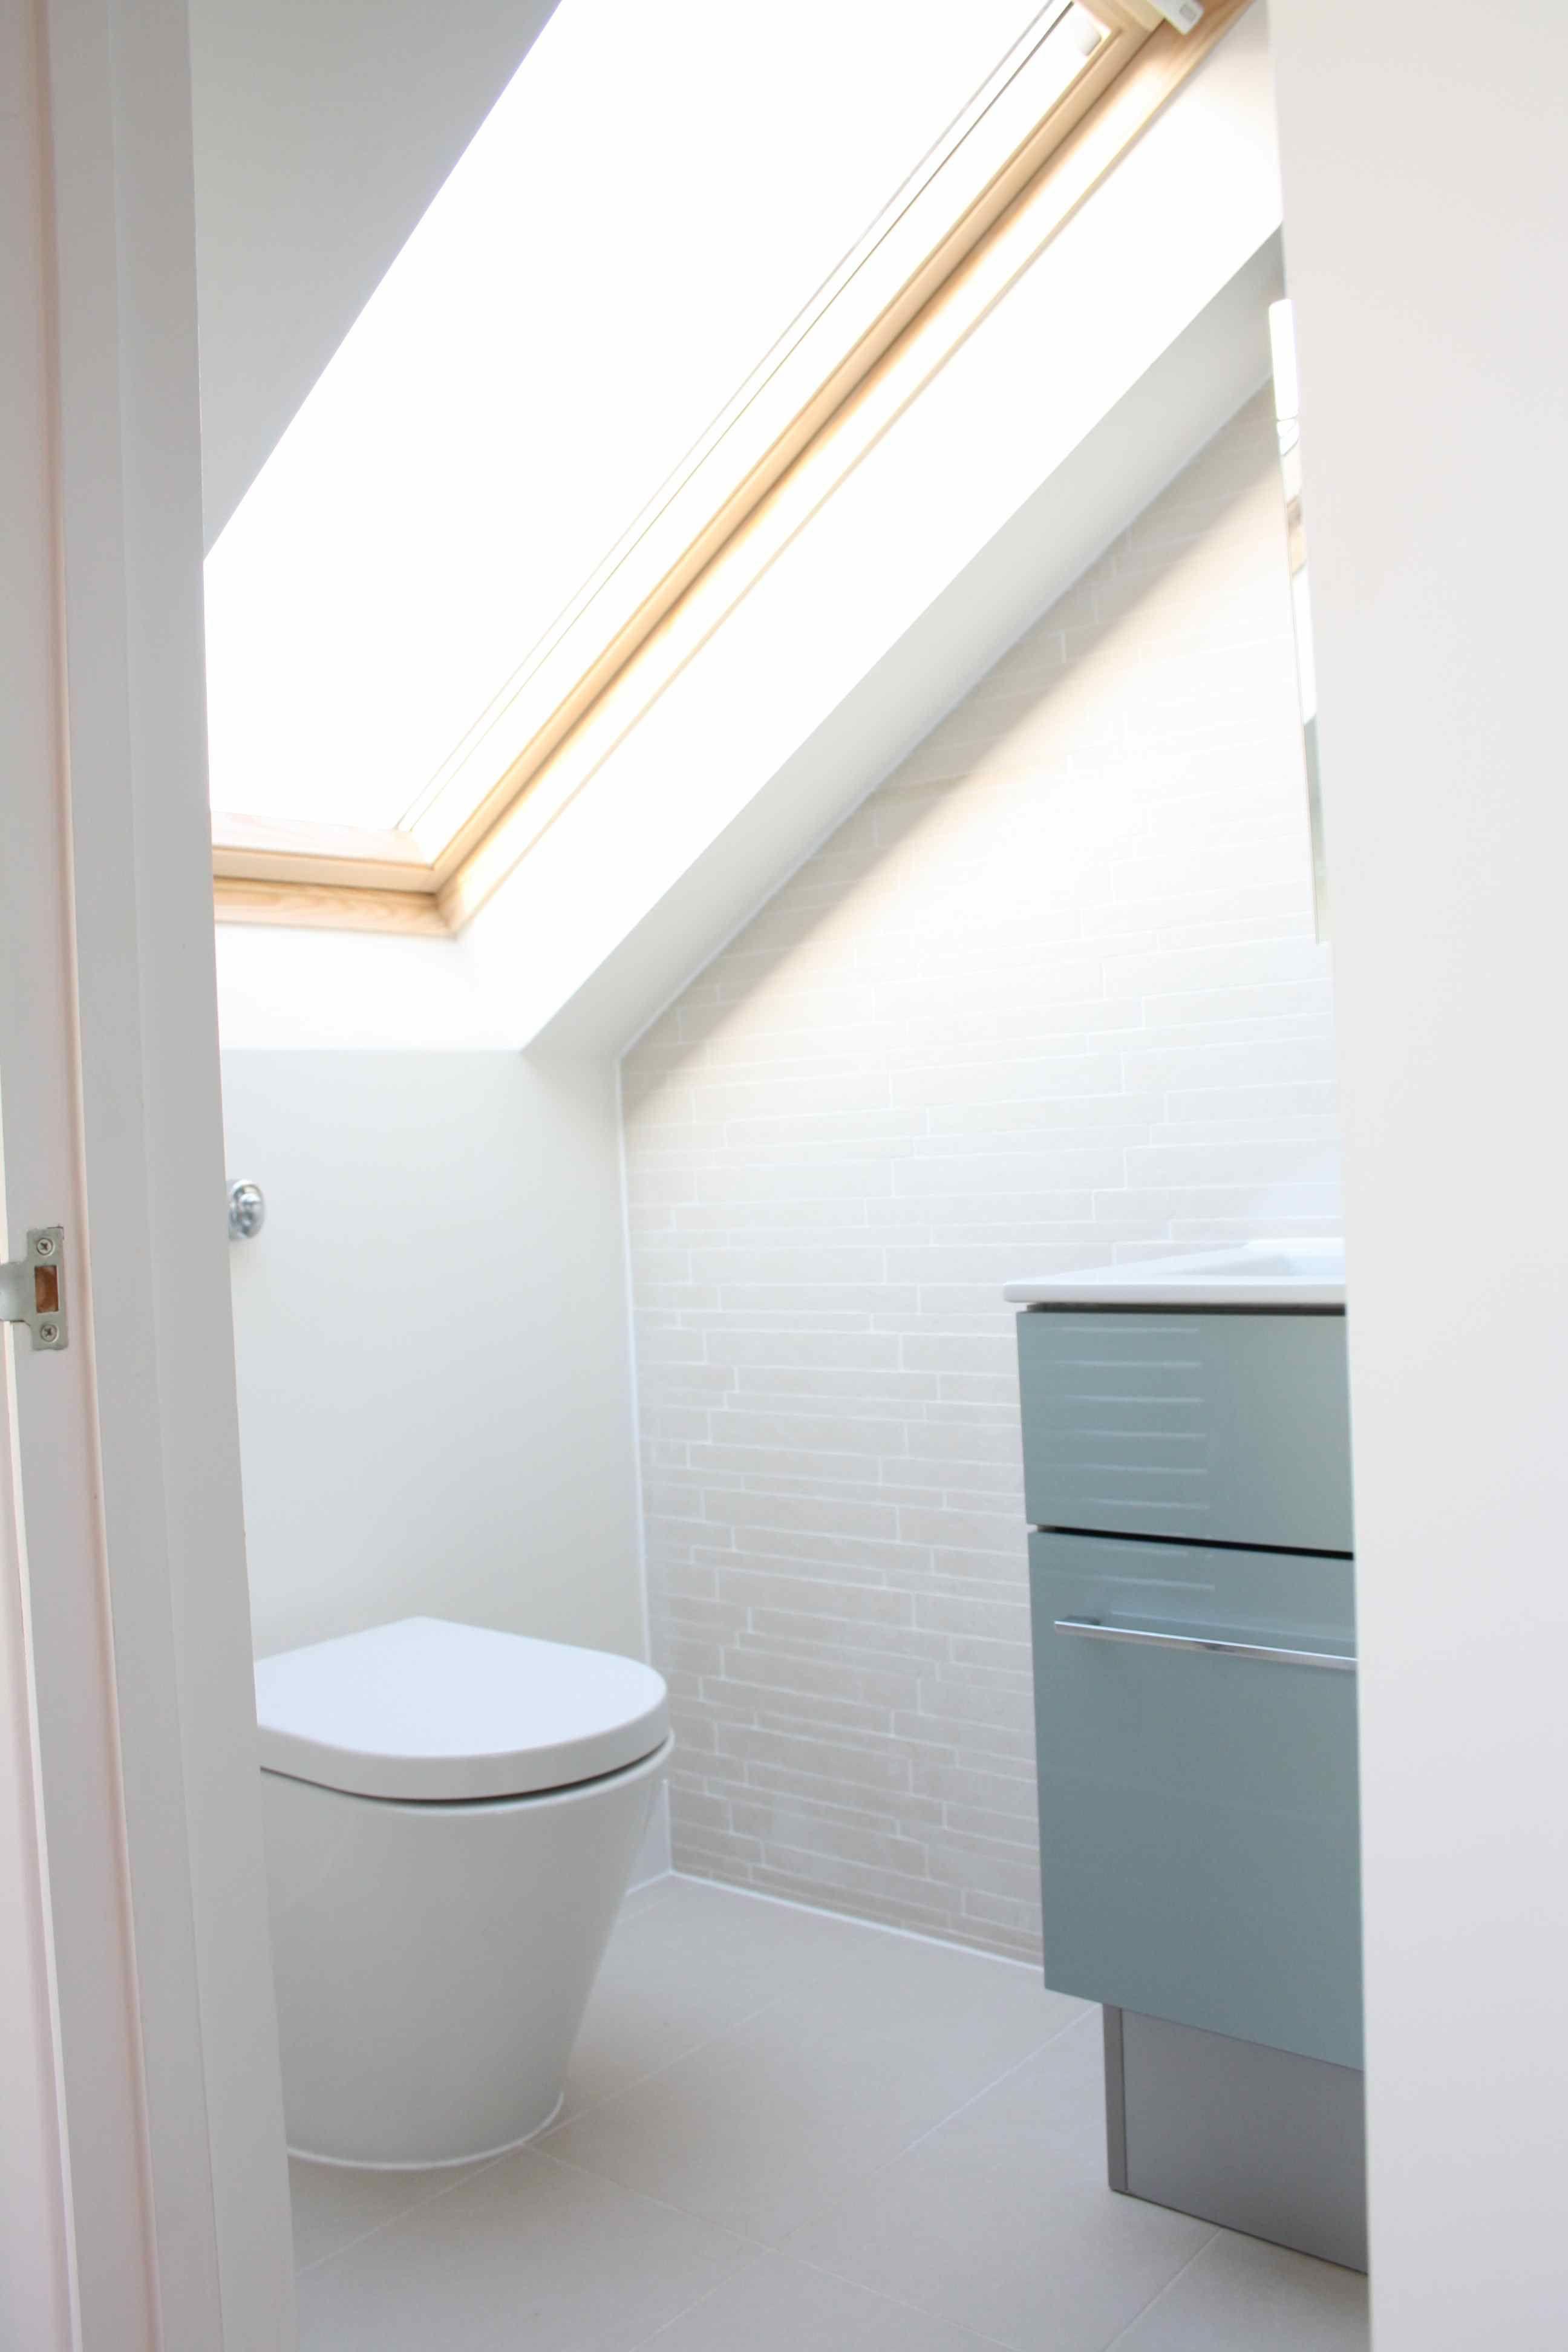 Loft bedroom with ensuite  London Loft Conversion images photos Gallery  Simply Loft  Loft